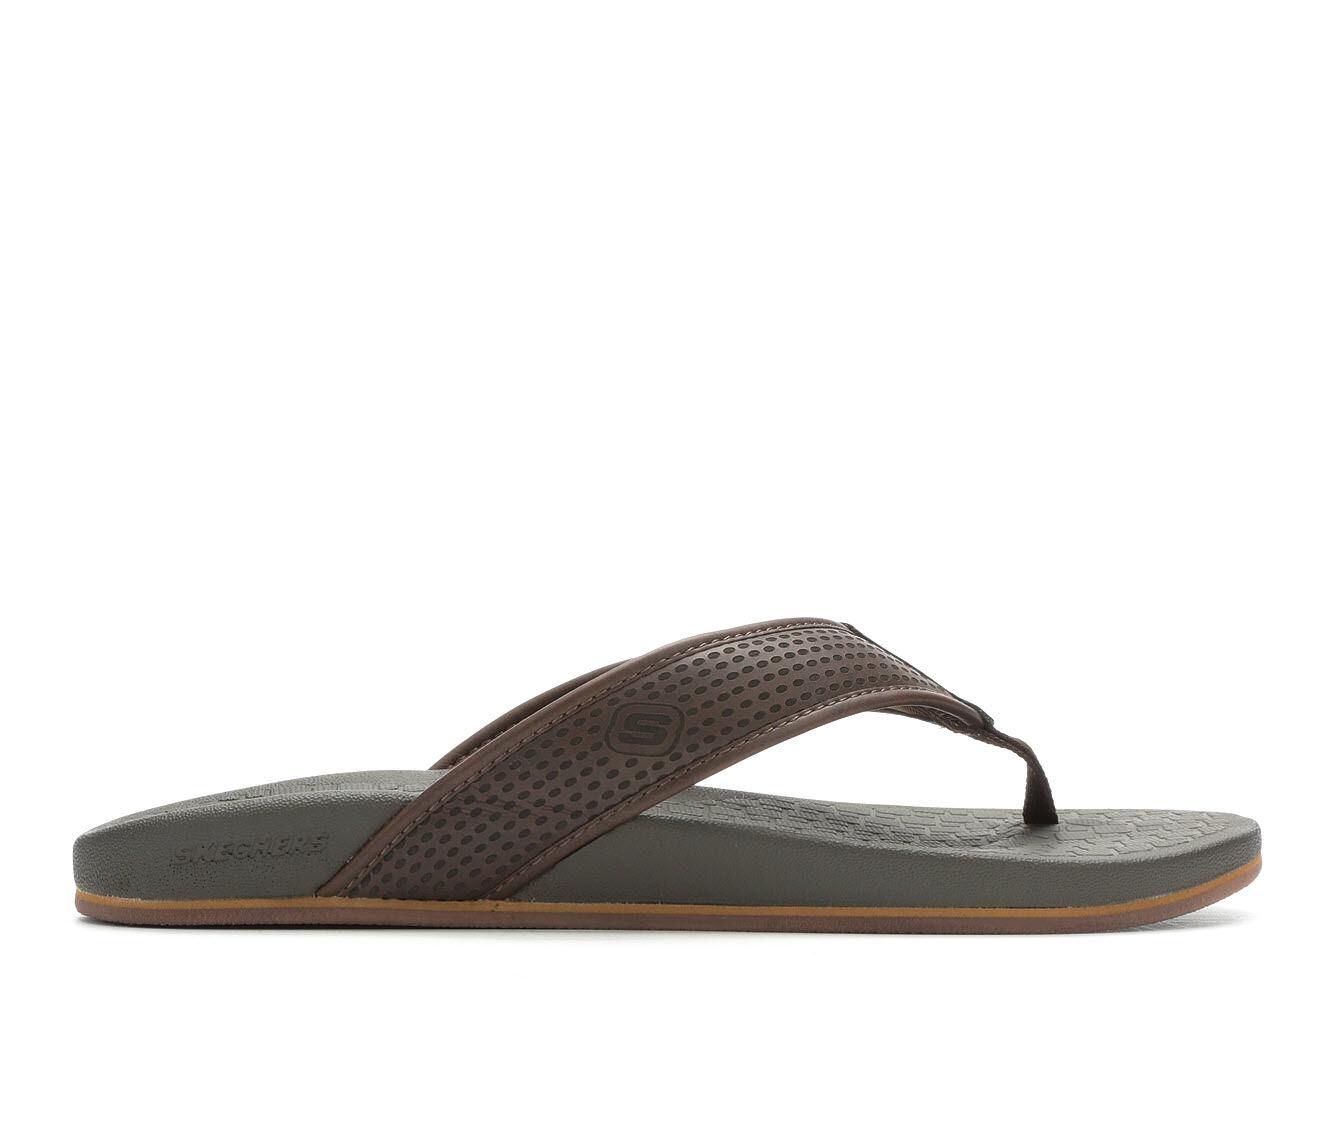 Men's Skechers Emiro 65093 Flip-Flops free shipping buy amazing price online 1TmdaAsjd